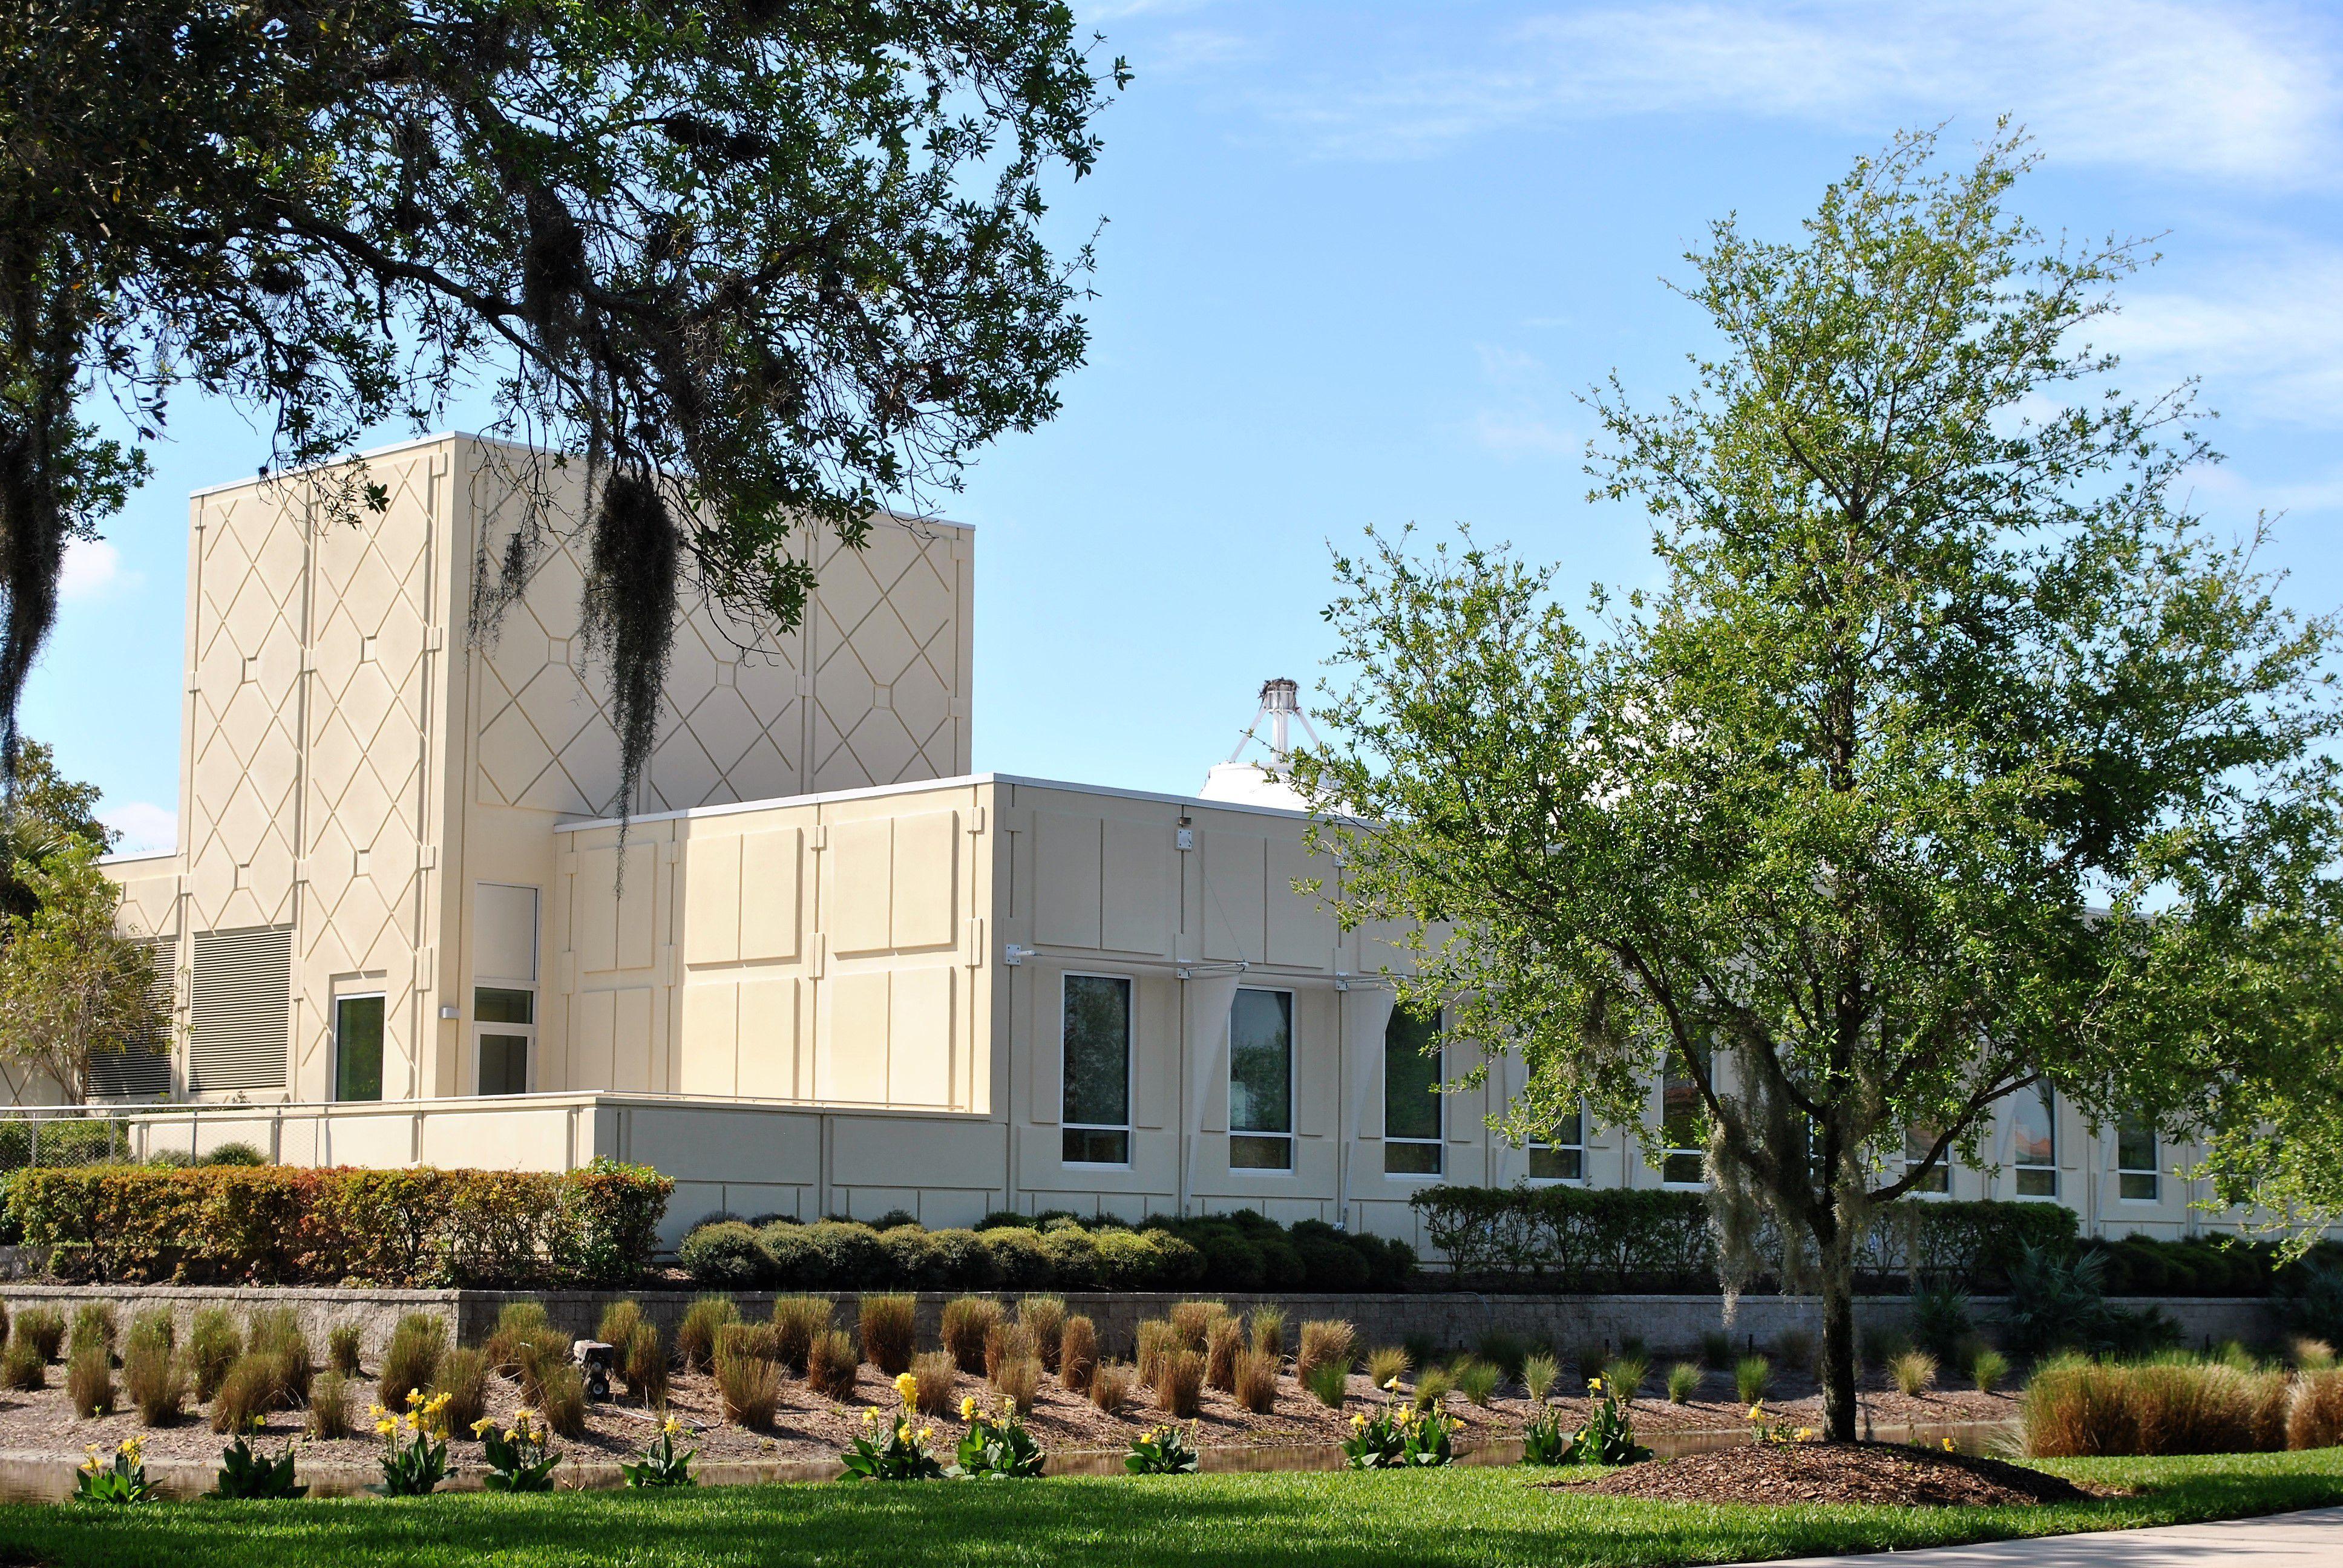 Eckherd College, St Petersburg, FL